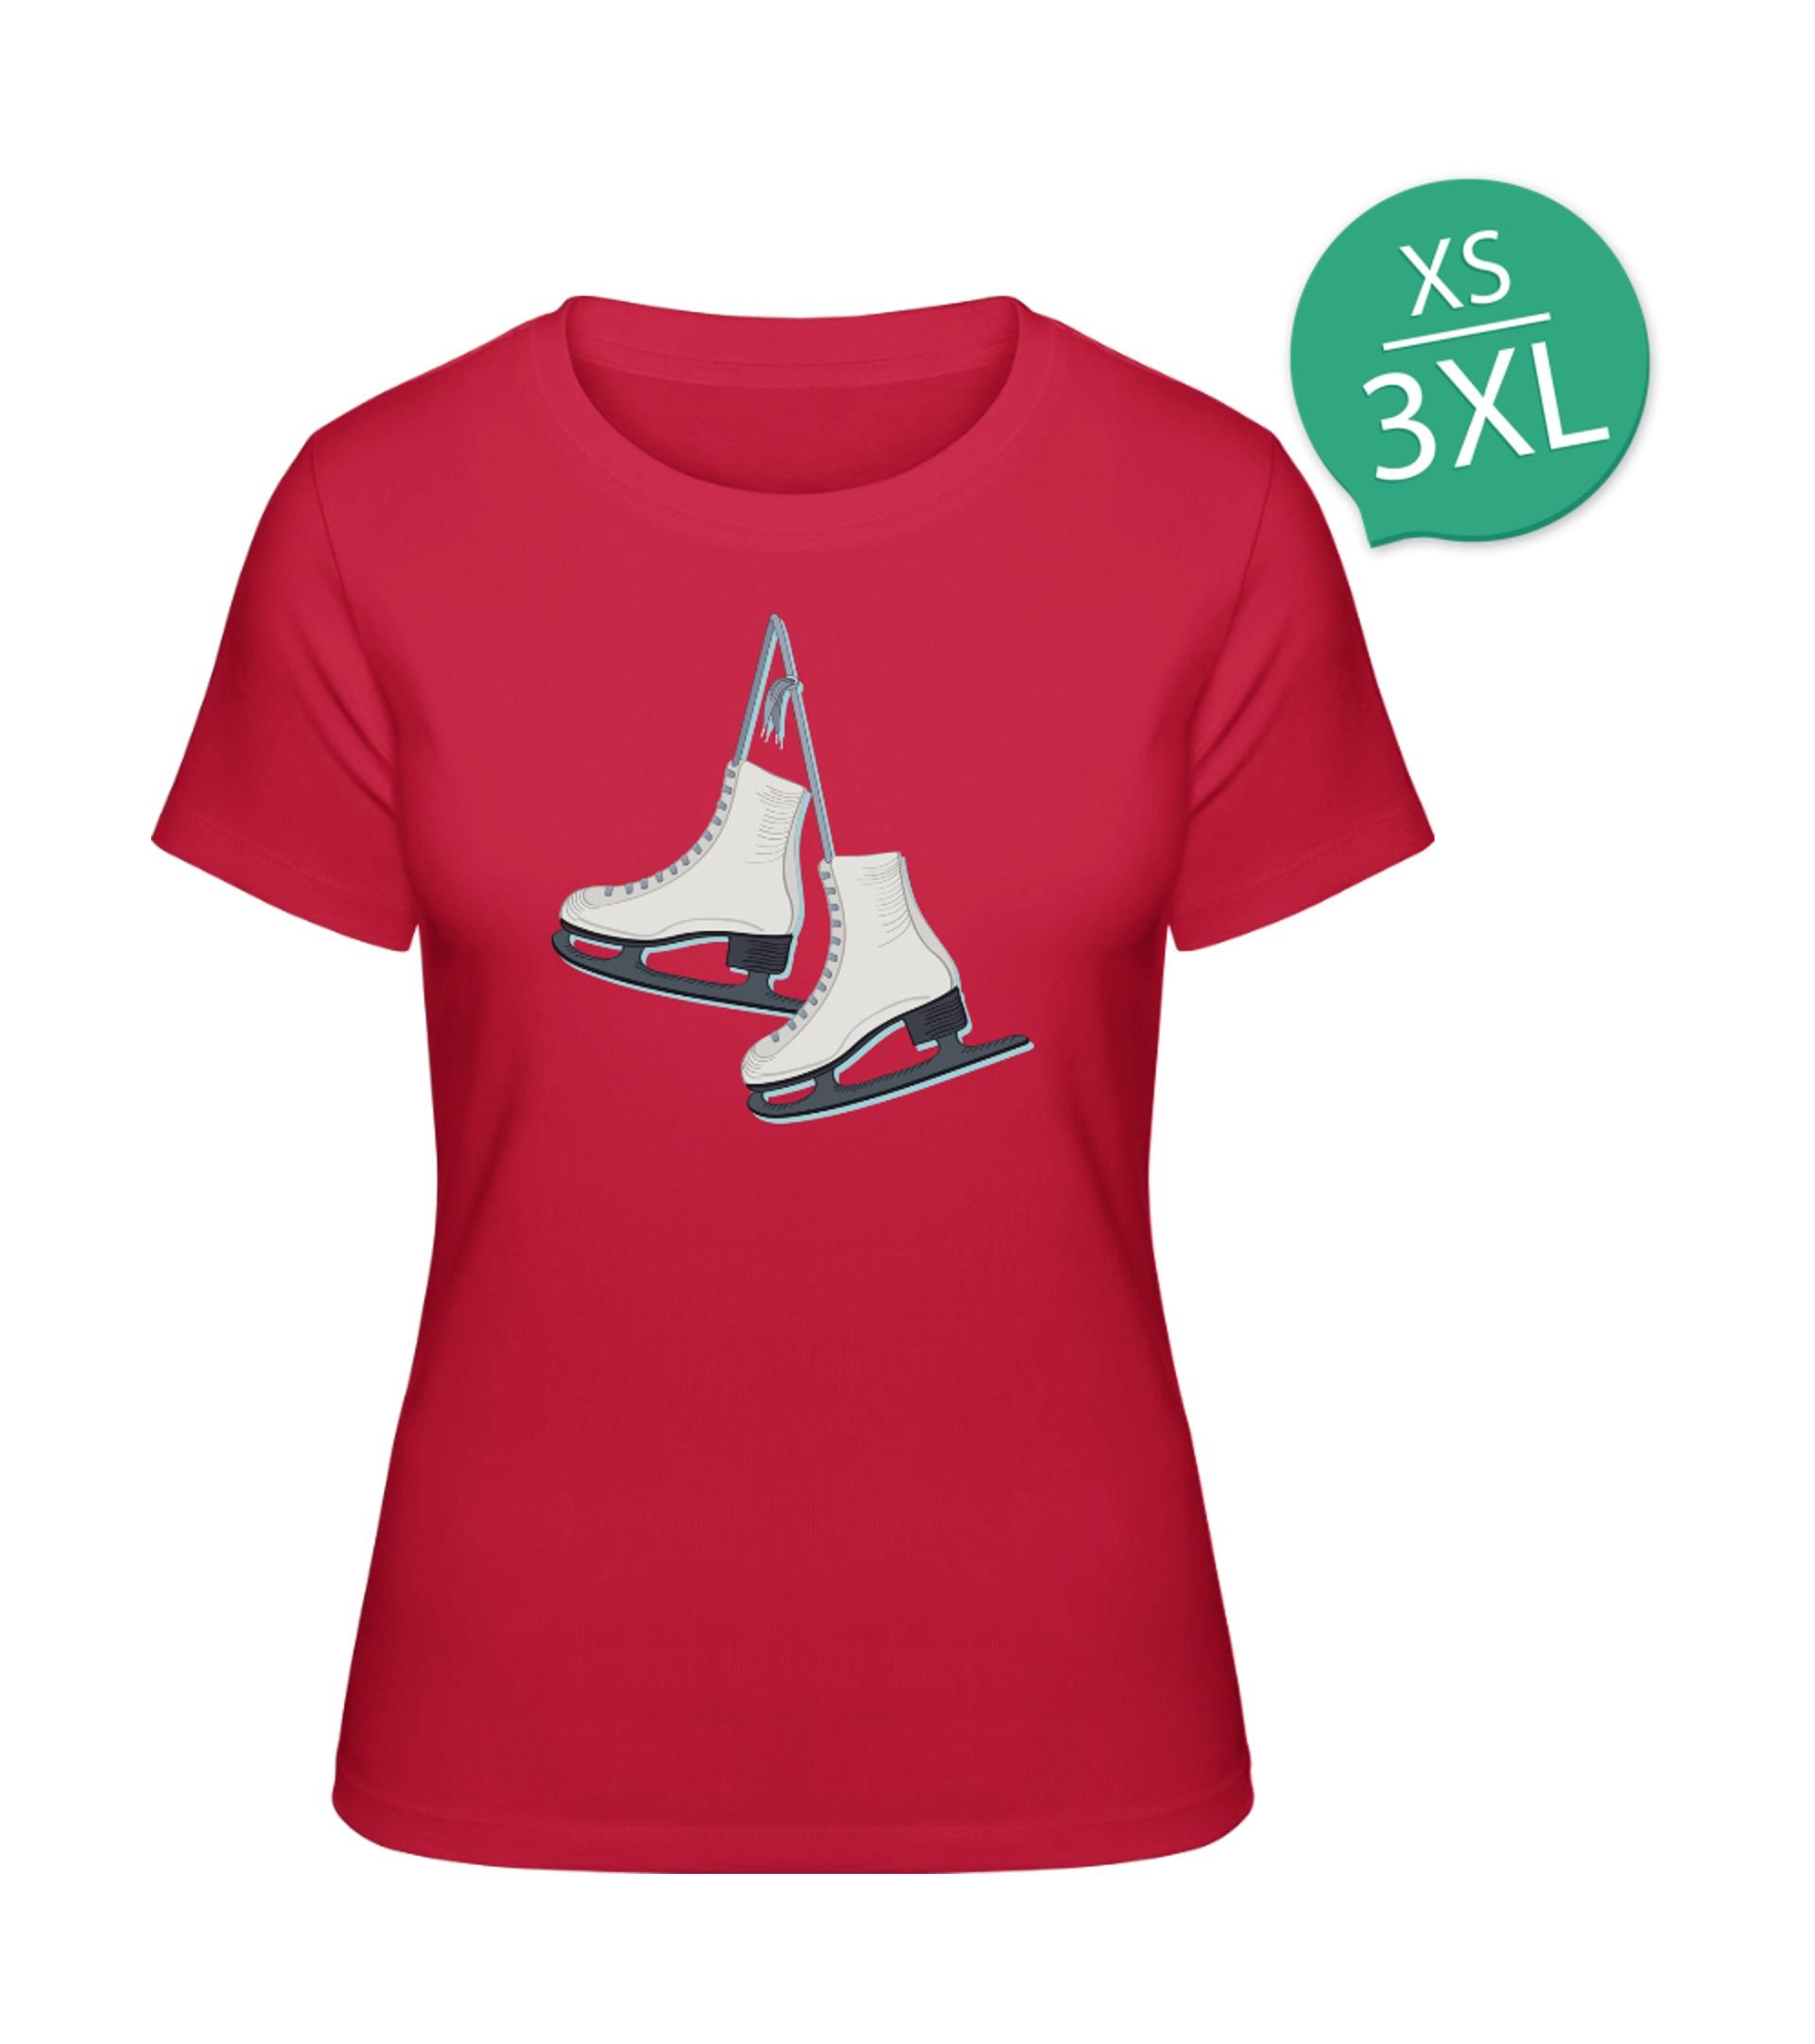 buy online b5995 835d4 Eislaufen Fan T-Shirts